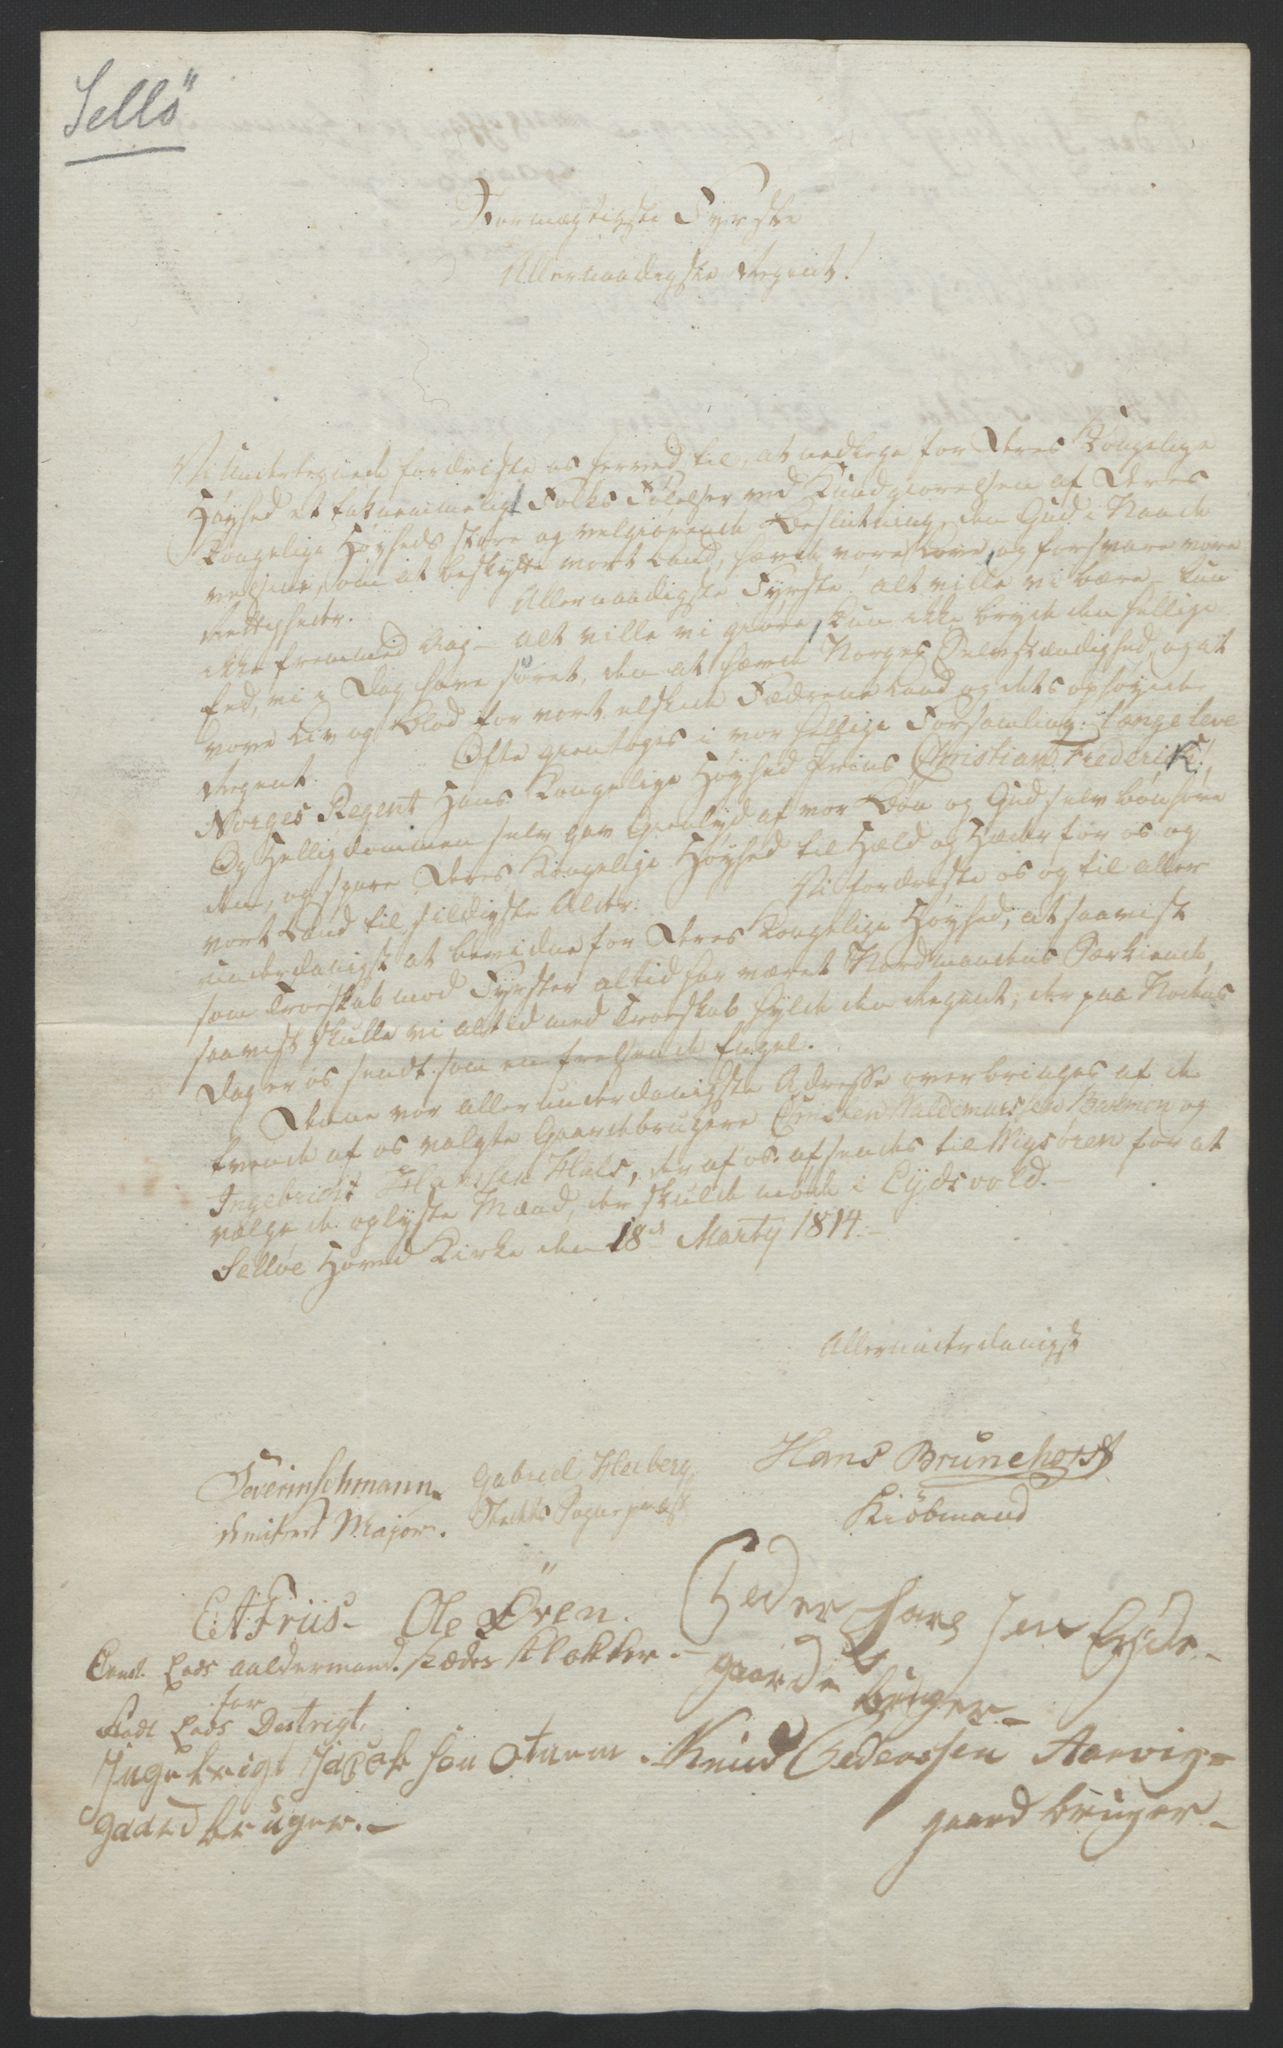 RA, Statsrådssekretariatet, D/Db/L0008: Fullmakter for Eidsvollsrepresentantene i 1814. , 1814, s. 342